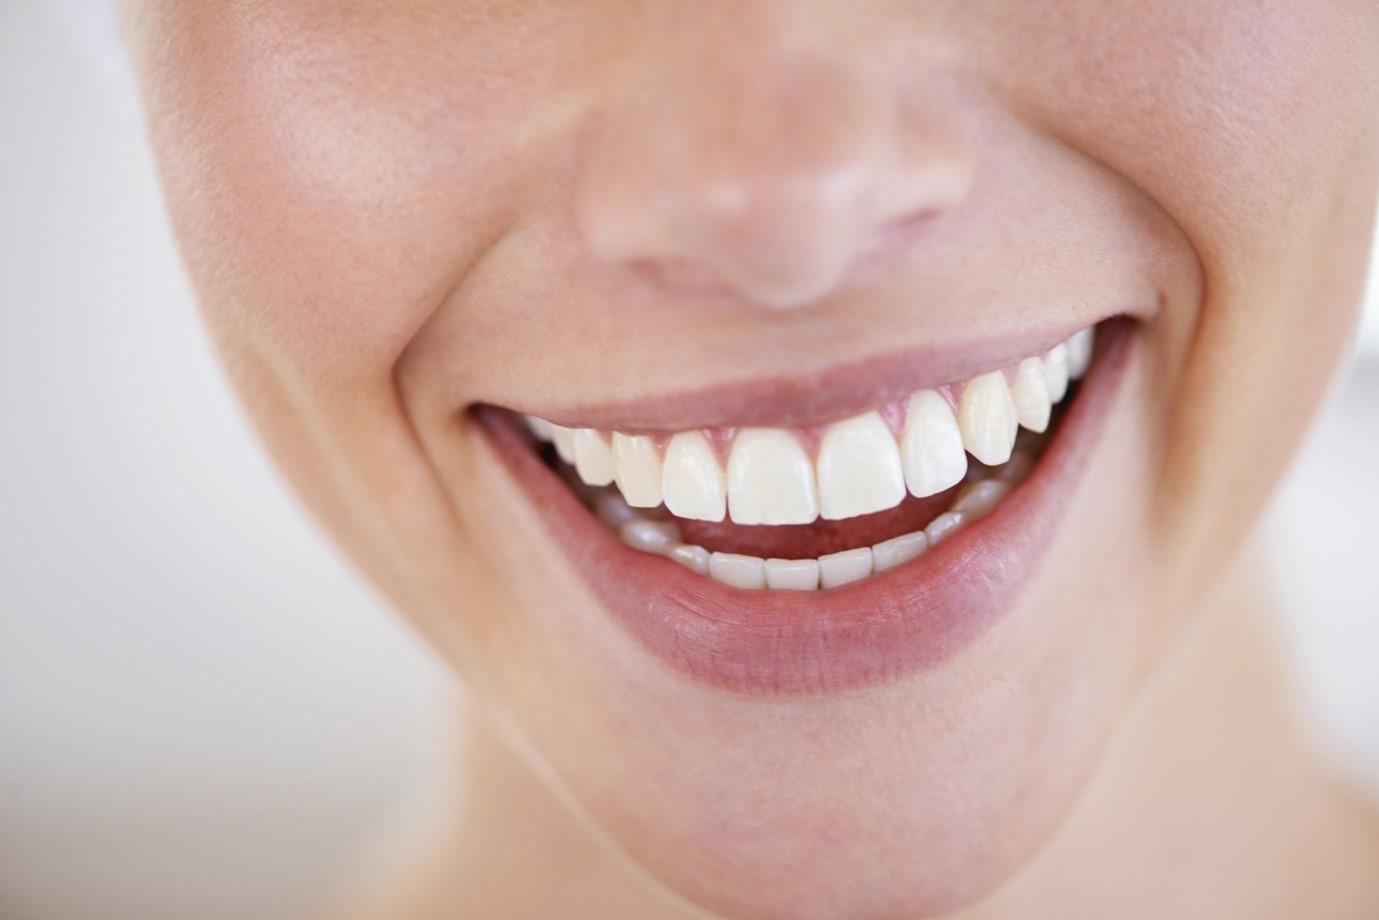 درمان دندان کجو نامرتب